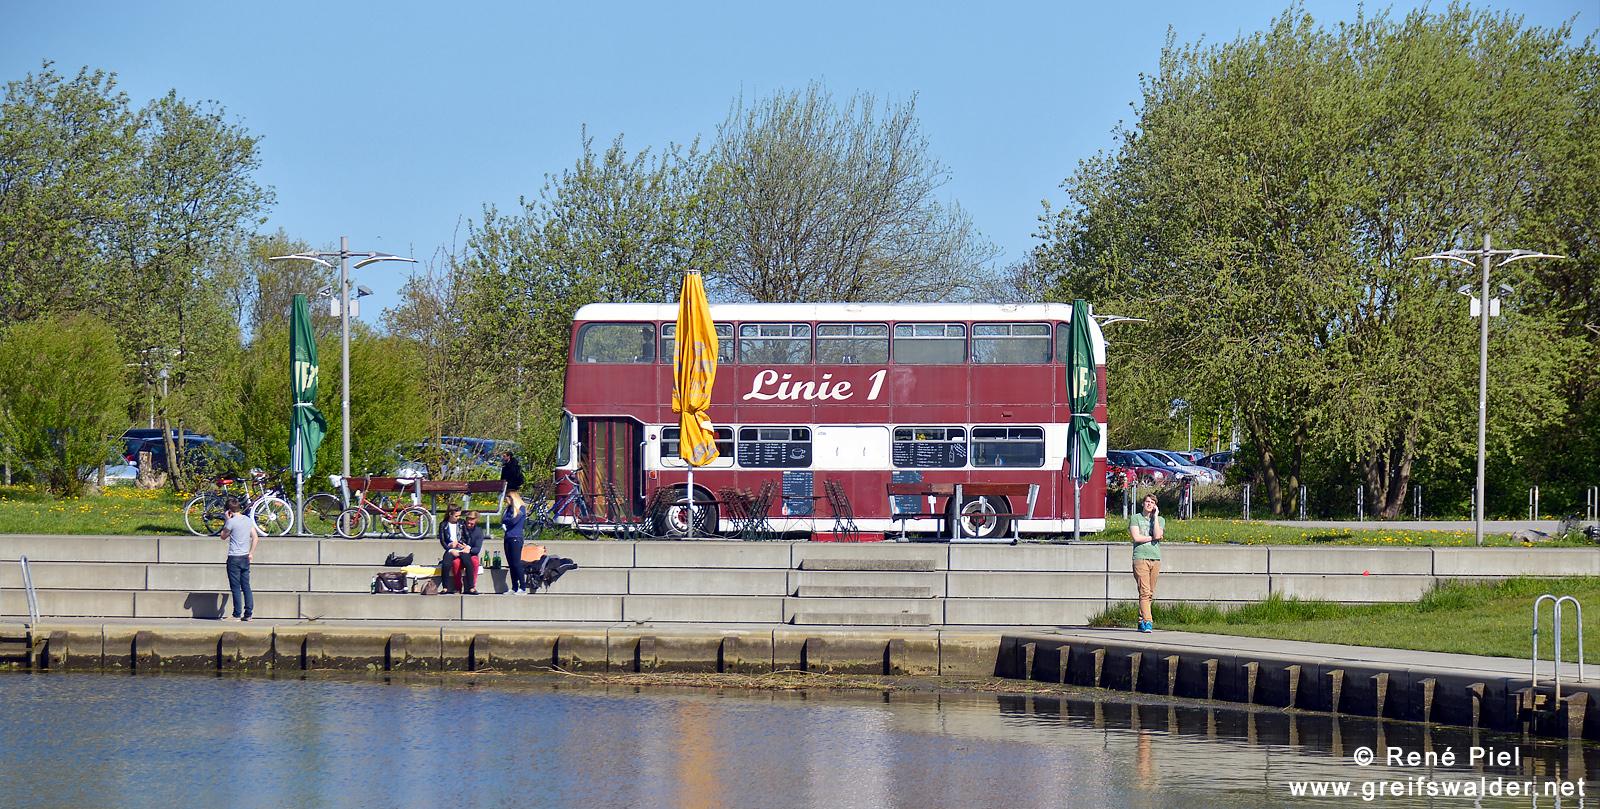 """Kneipenbus """"Linie 1"""" am Museumshafen in Greifswald"""